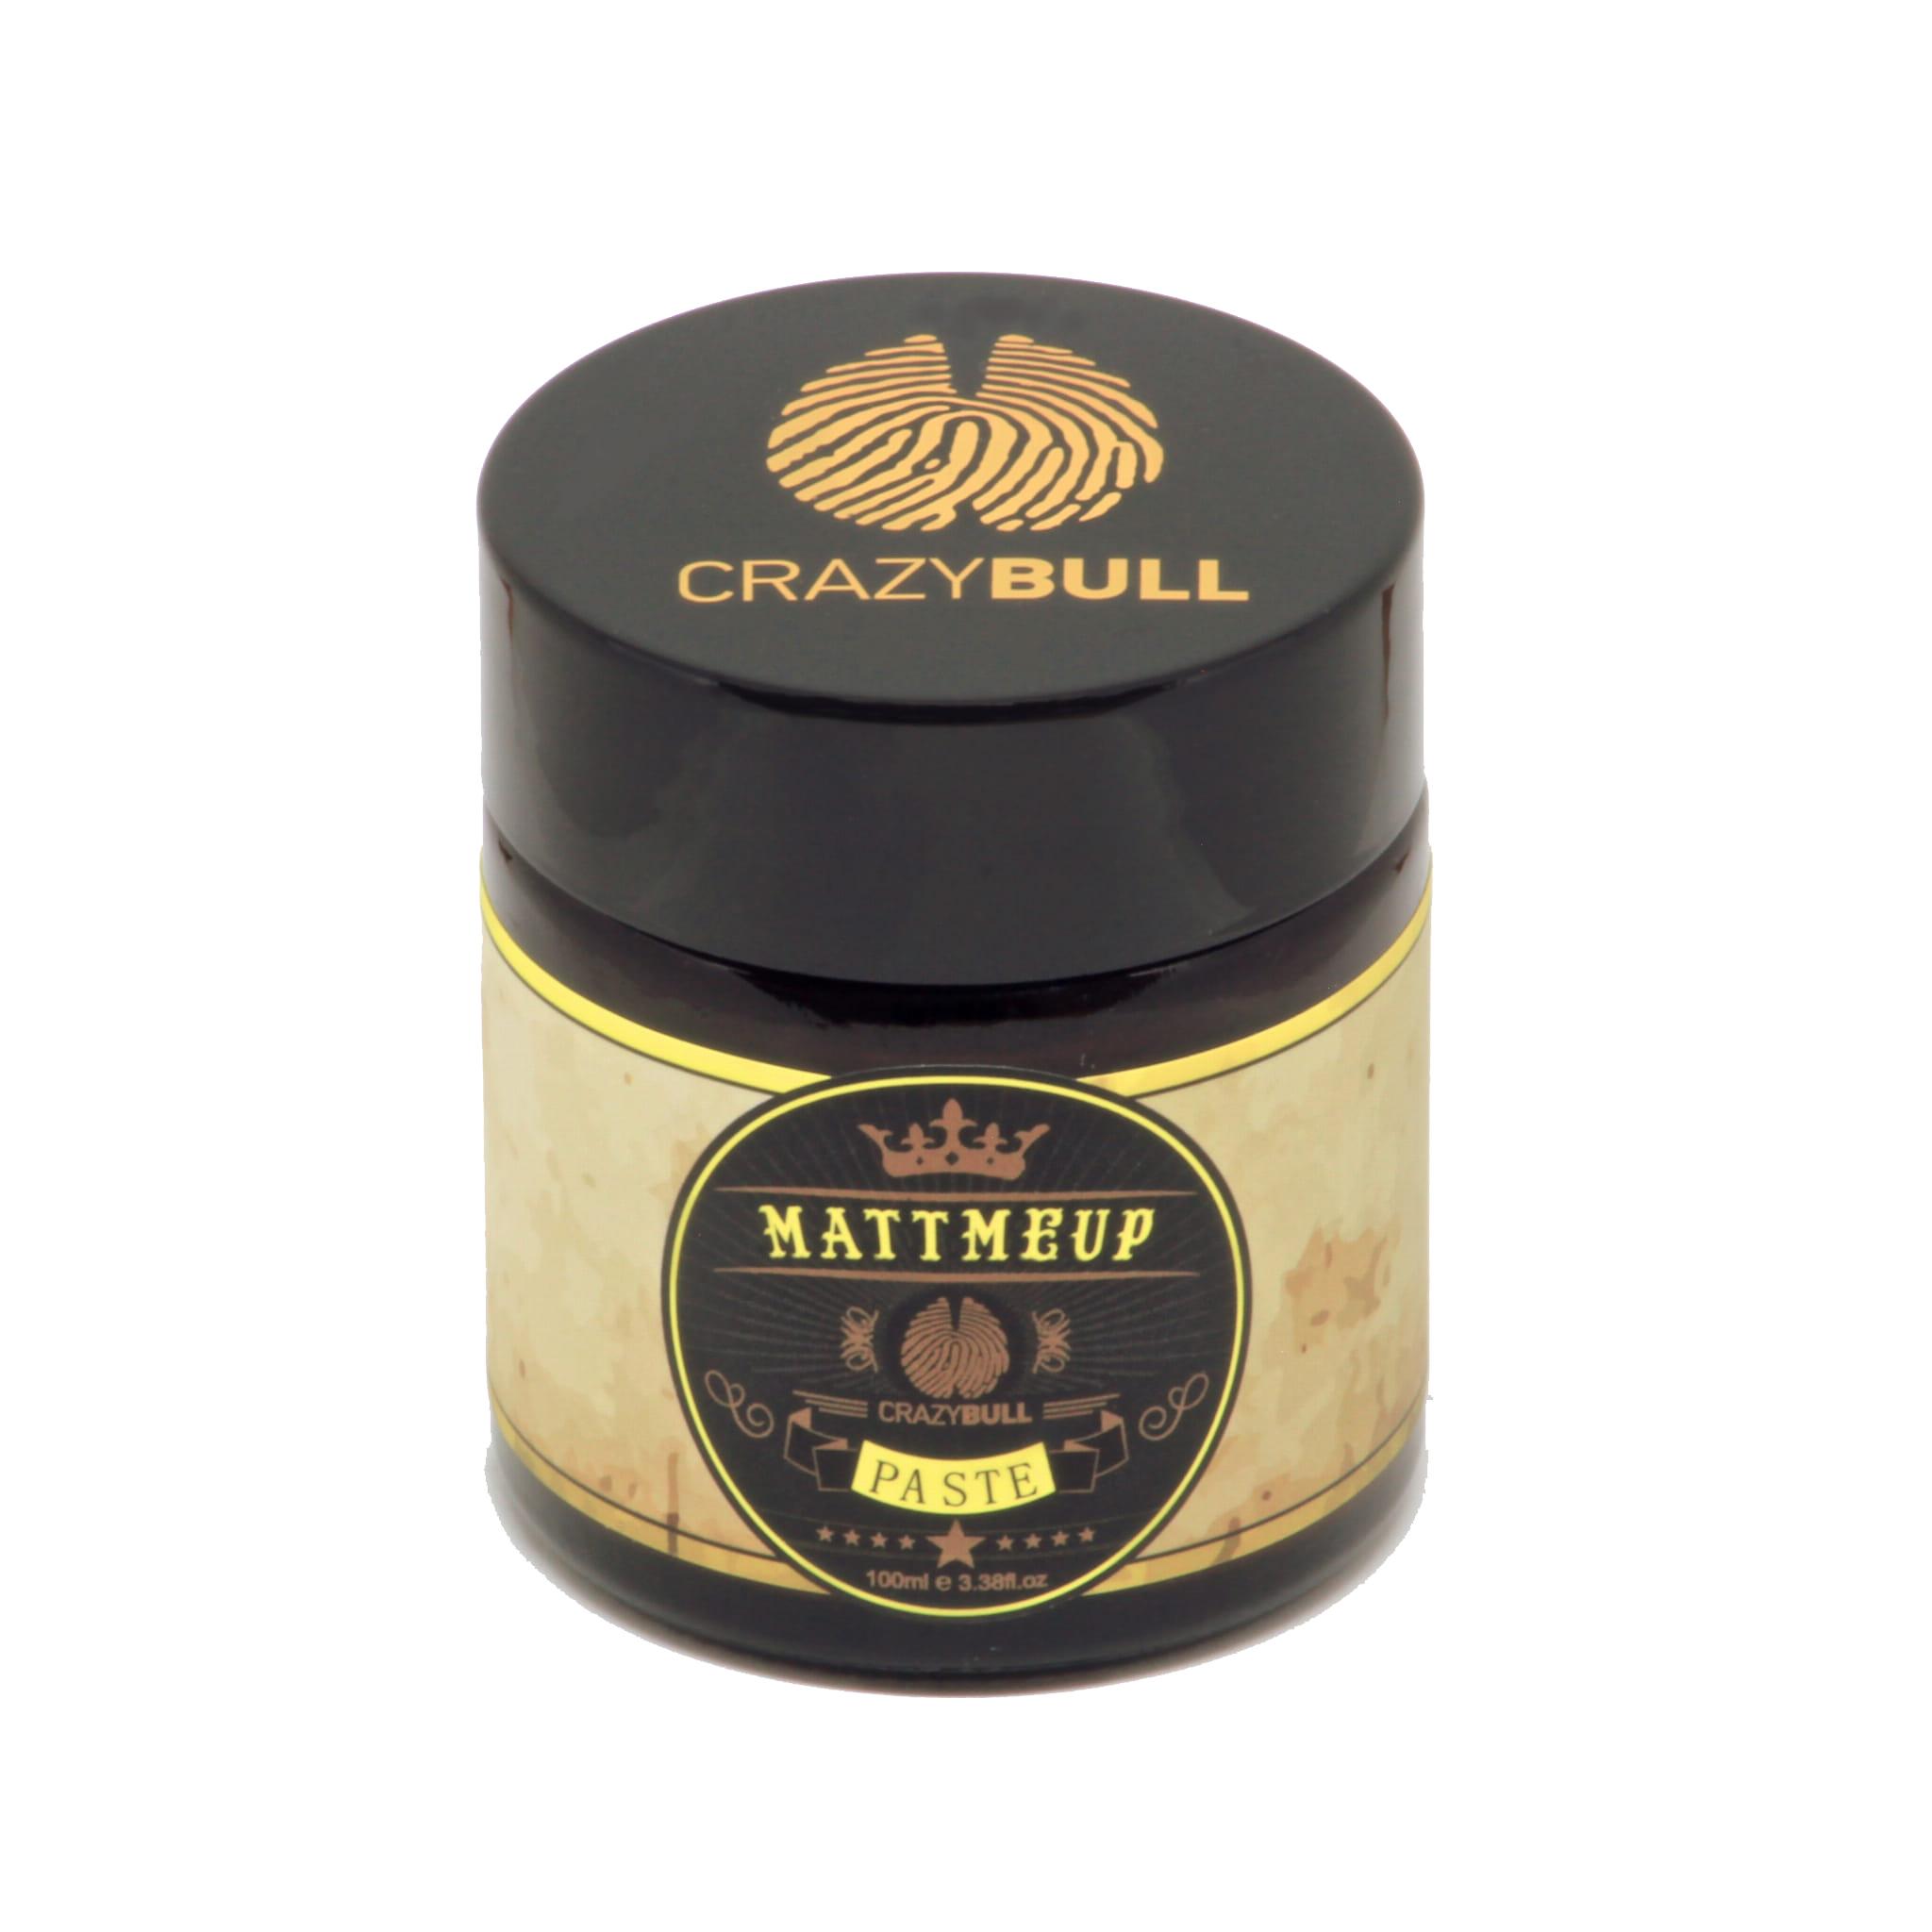 Crazy Bull Mattmeup - pasta do włosów średni chwyt / matowe wykończenie 100 ml